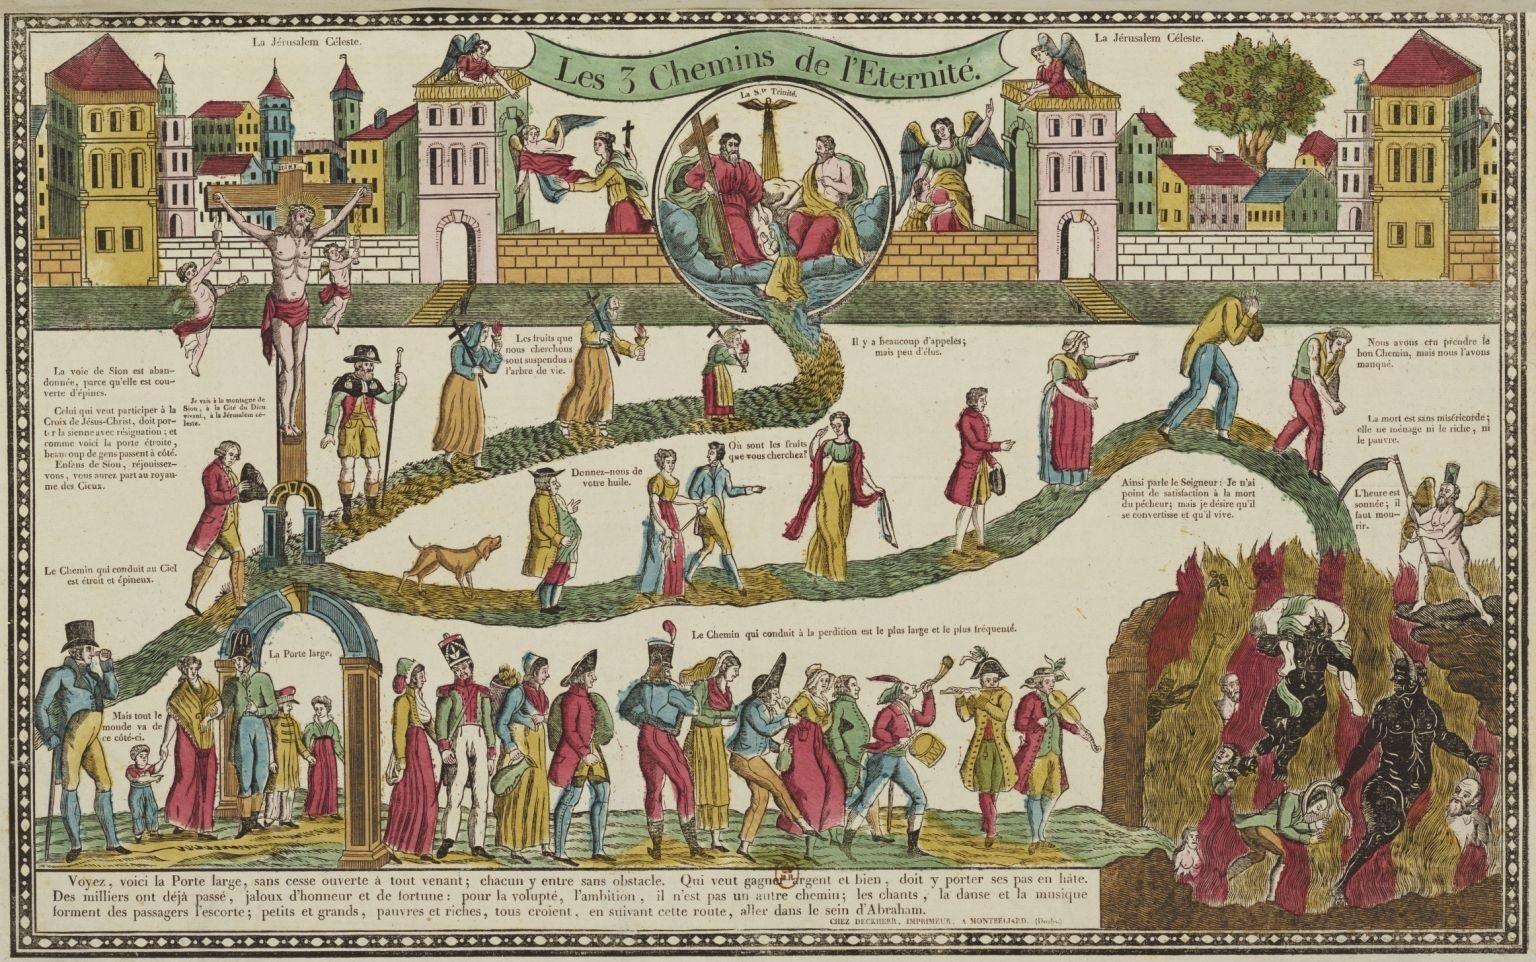 L Art Du Point De Croix file:les 3 chemins de l'éternité - wikimedia commons